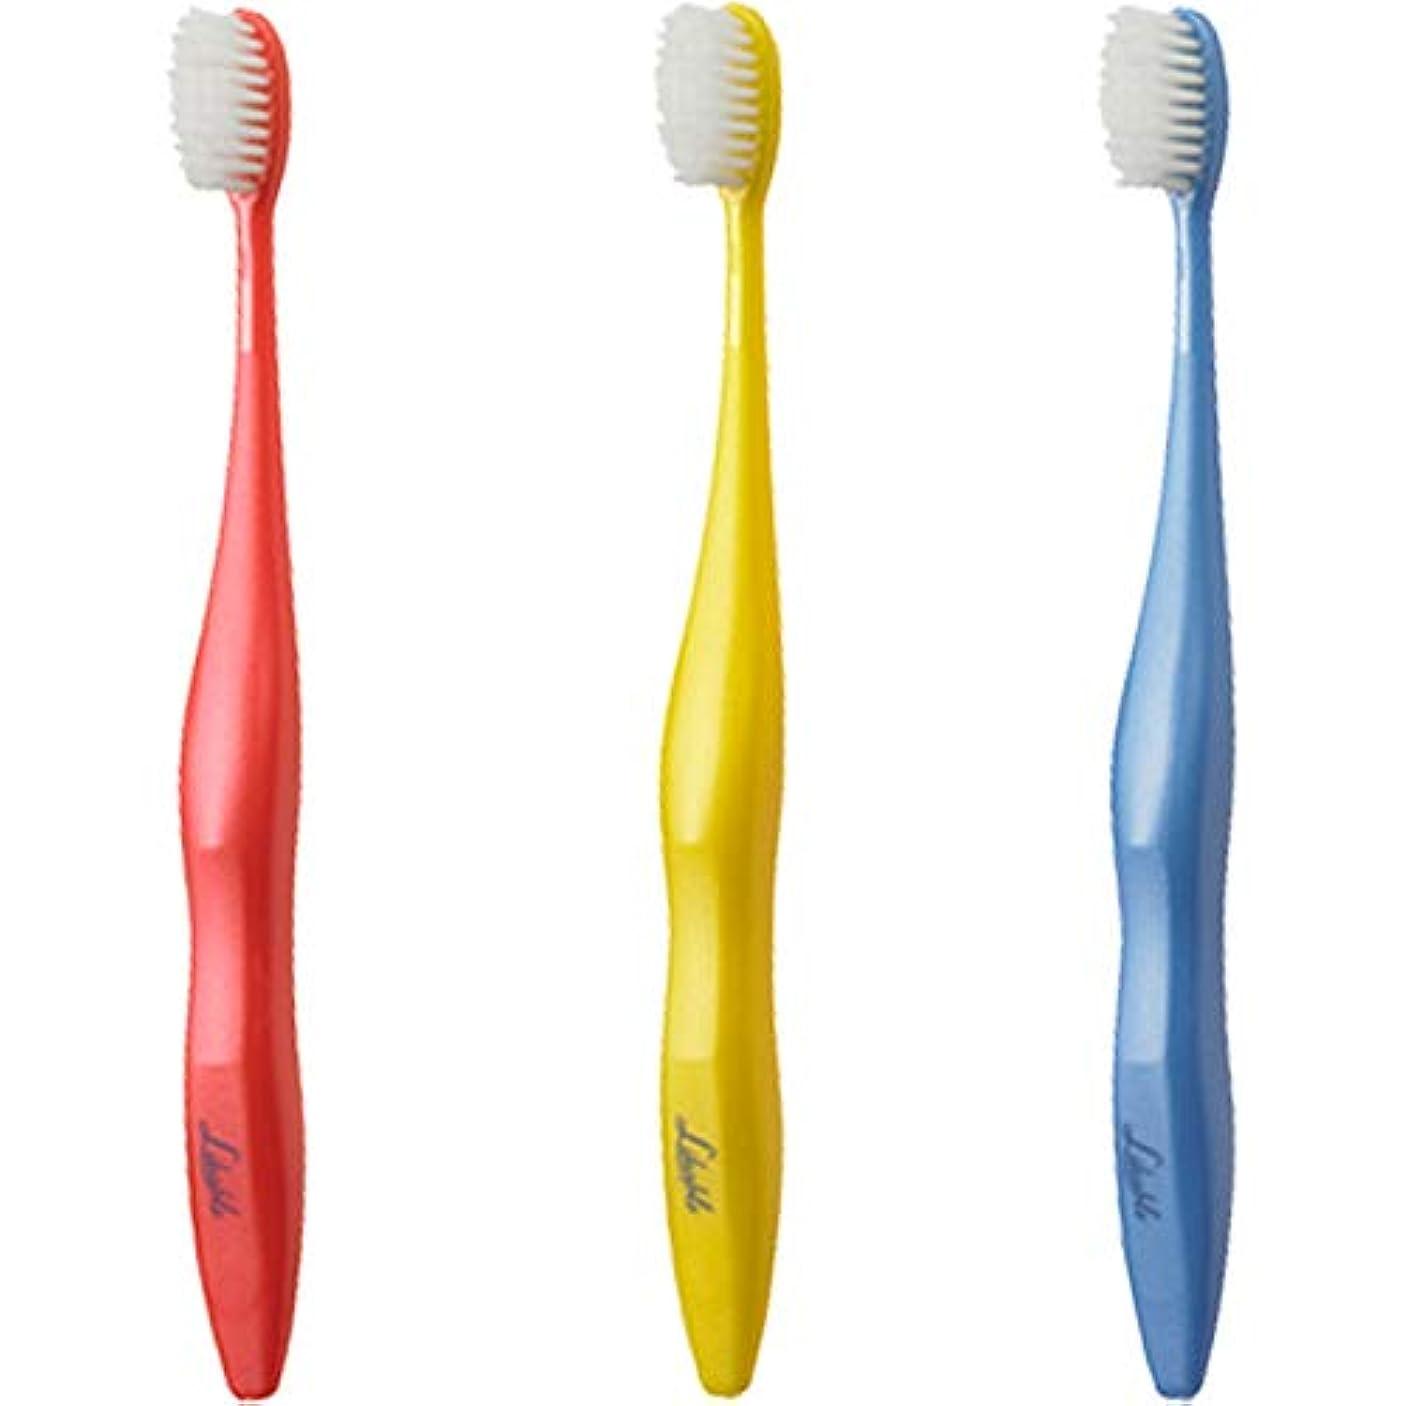 評価可能海外ブローライカブル 歯ブラシ 12本入